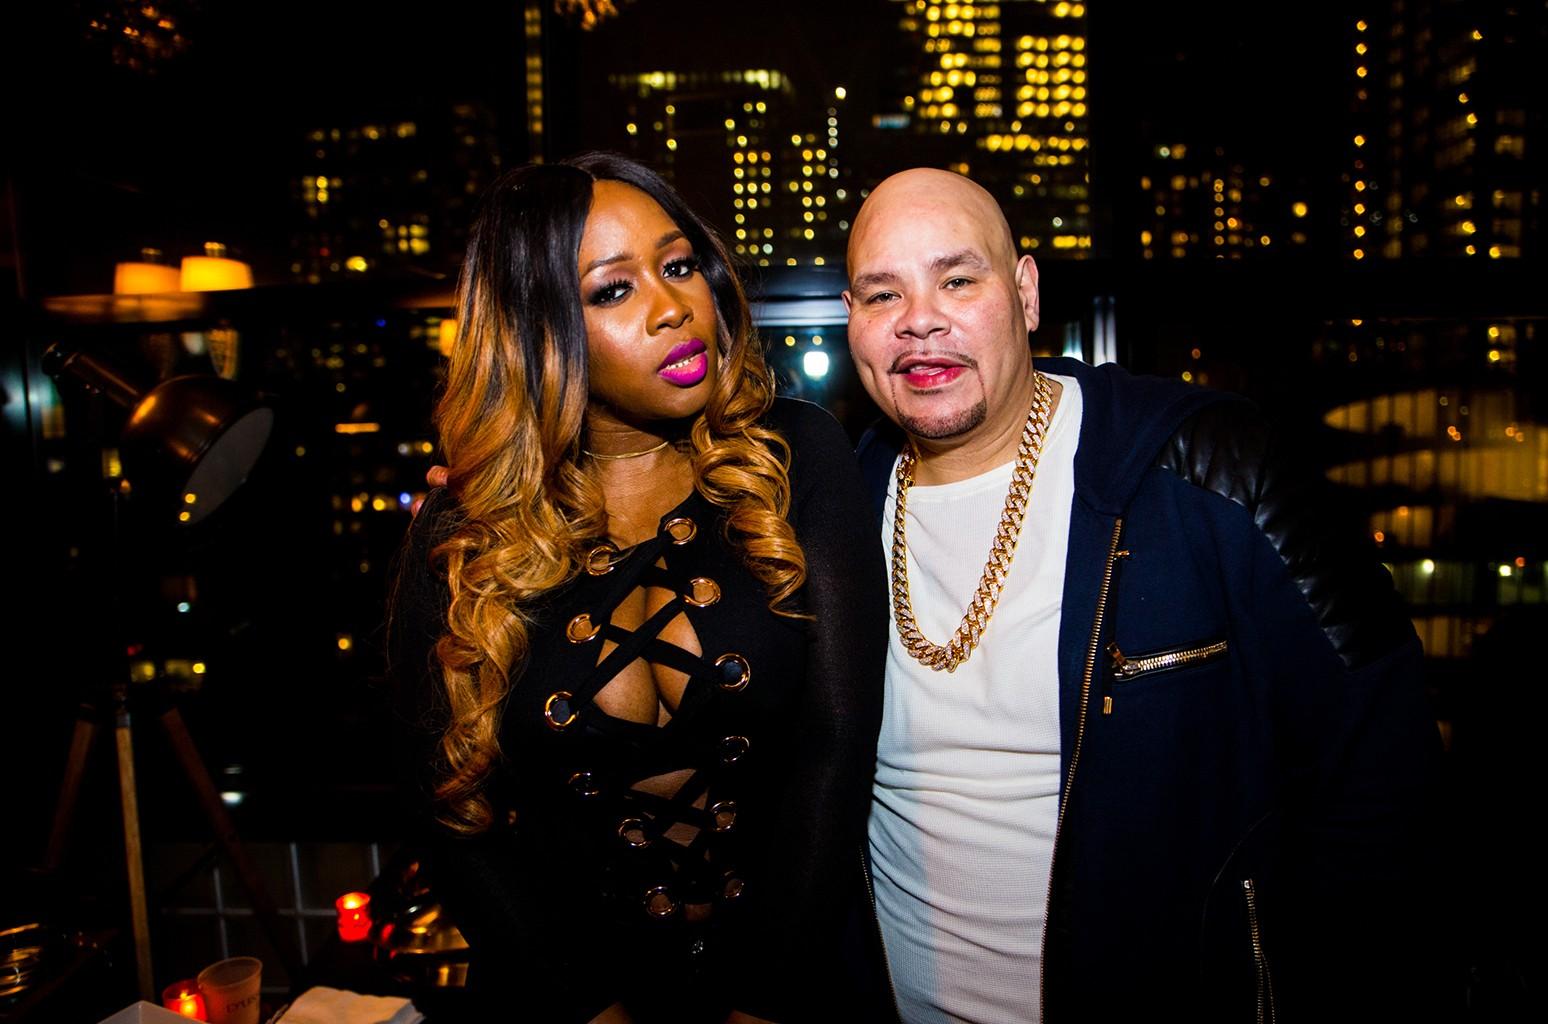 Remy Ma and Fat Joe